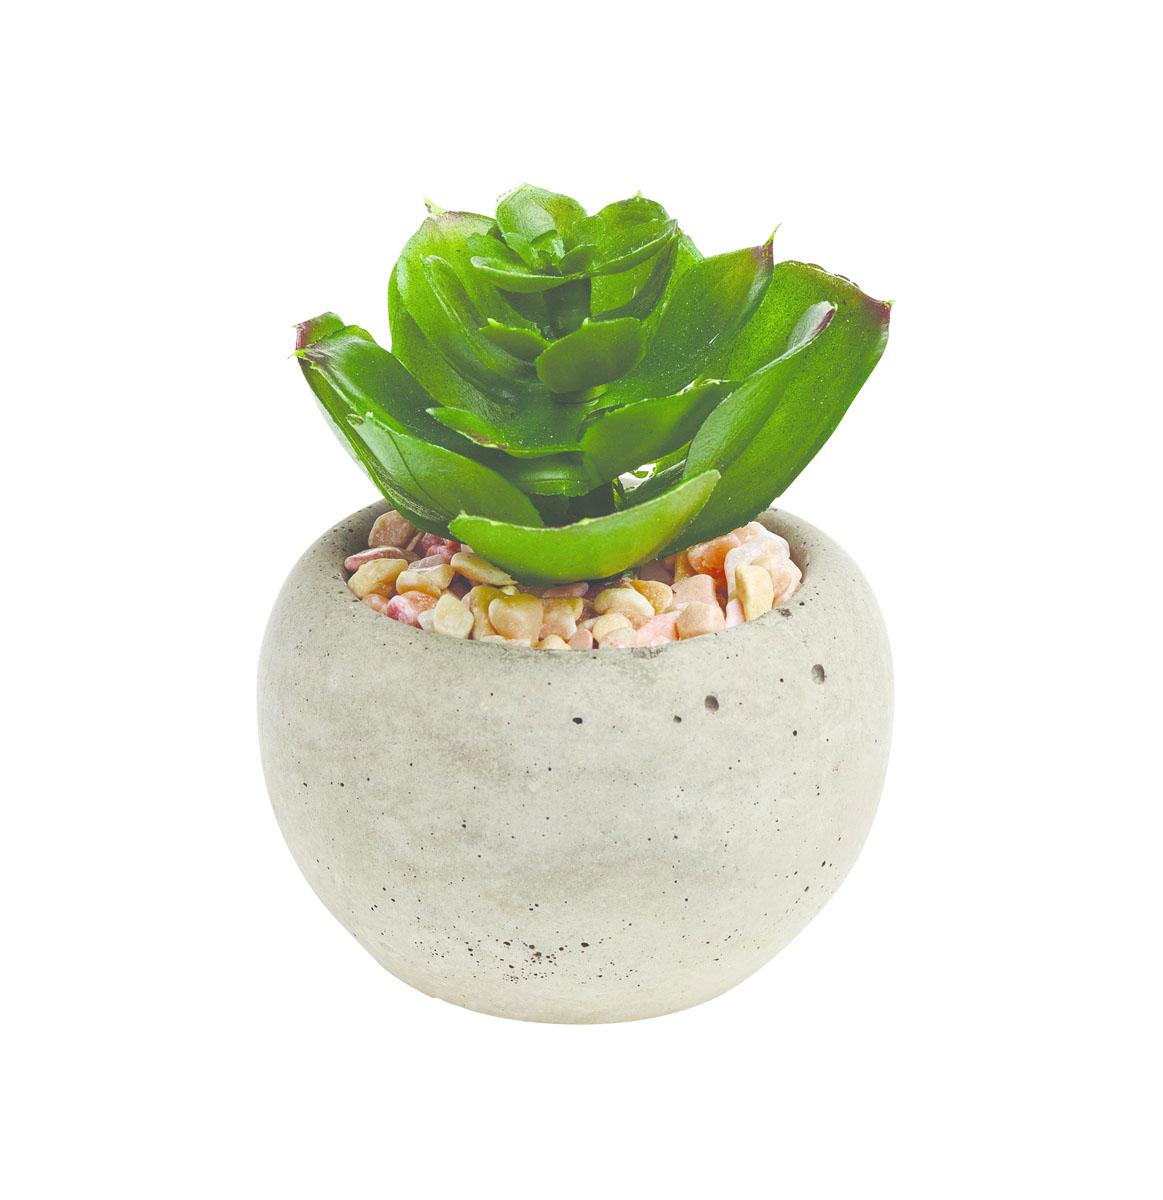 Растение искусственное Gardman, в горшке, 6 х 6 х 8,5 см151543Искусственное растение Gardman выполнено из пластика. Растение помещено в керамический горшок.Изделие устойчиво к воздействиям внешней среды, таким как влажность, солнце, перепады температуры, не выцветает со временем.Искусственное растение Gardman великолепно украсит интерьер офиса, дома или сада.Размеры растения: 6 х 6 х 8,5 см.